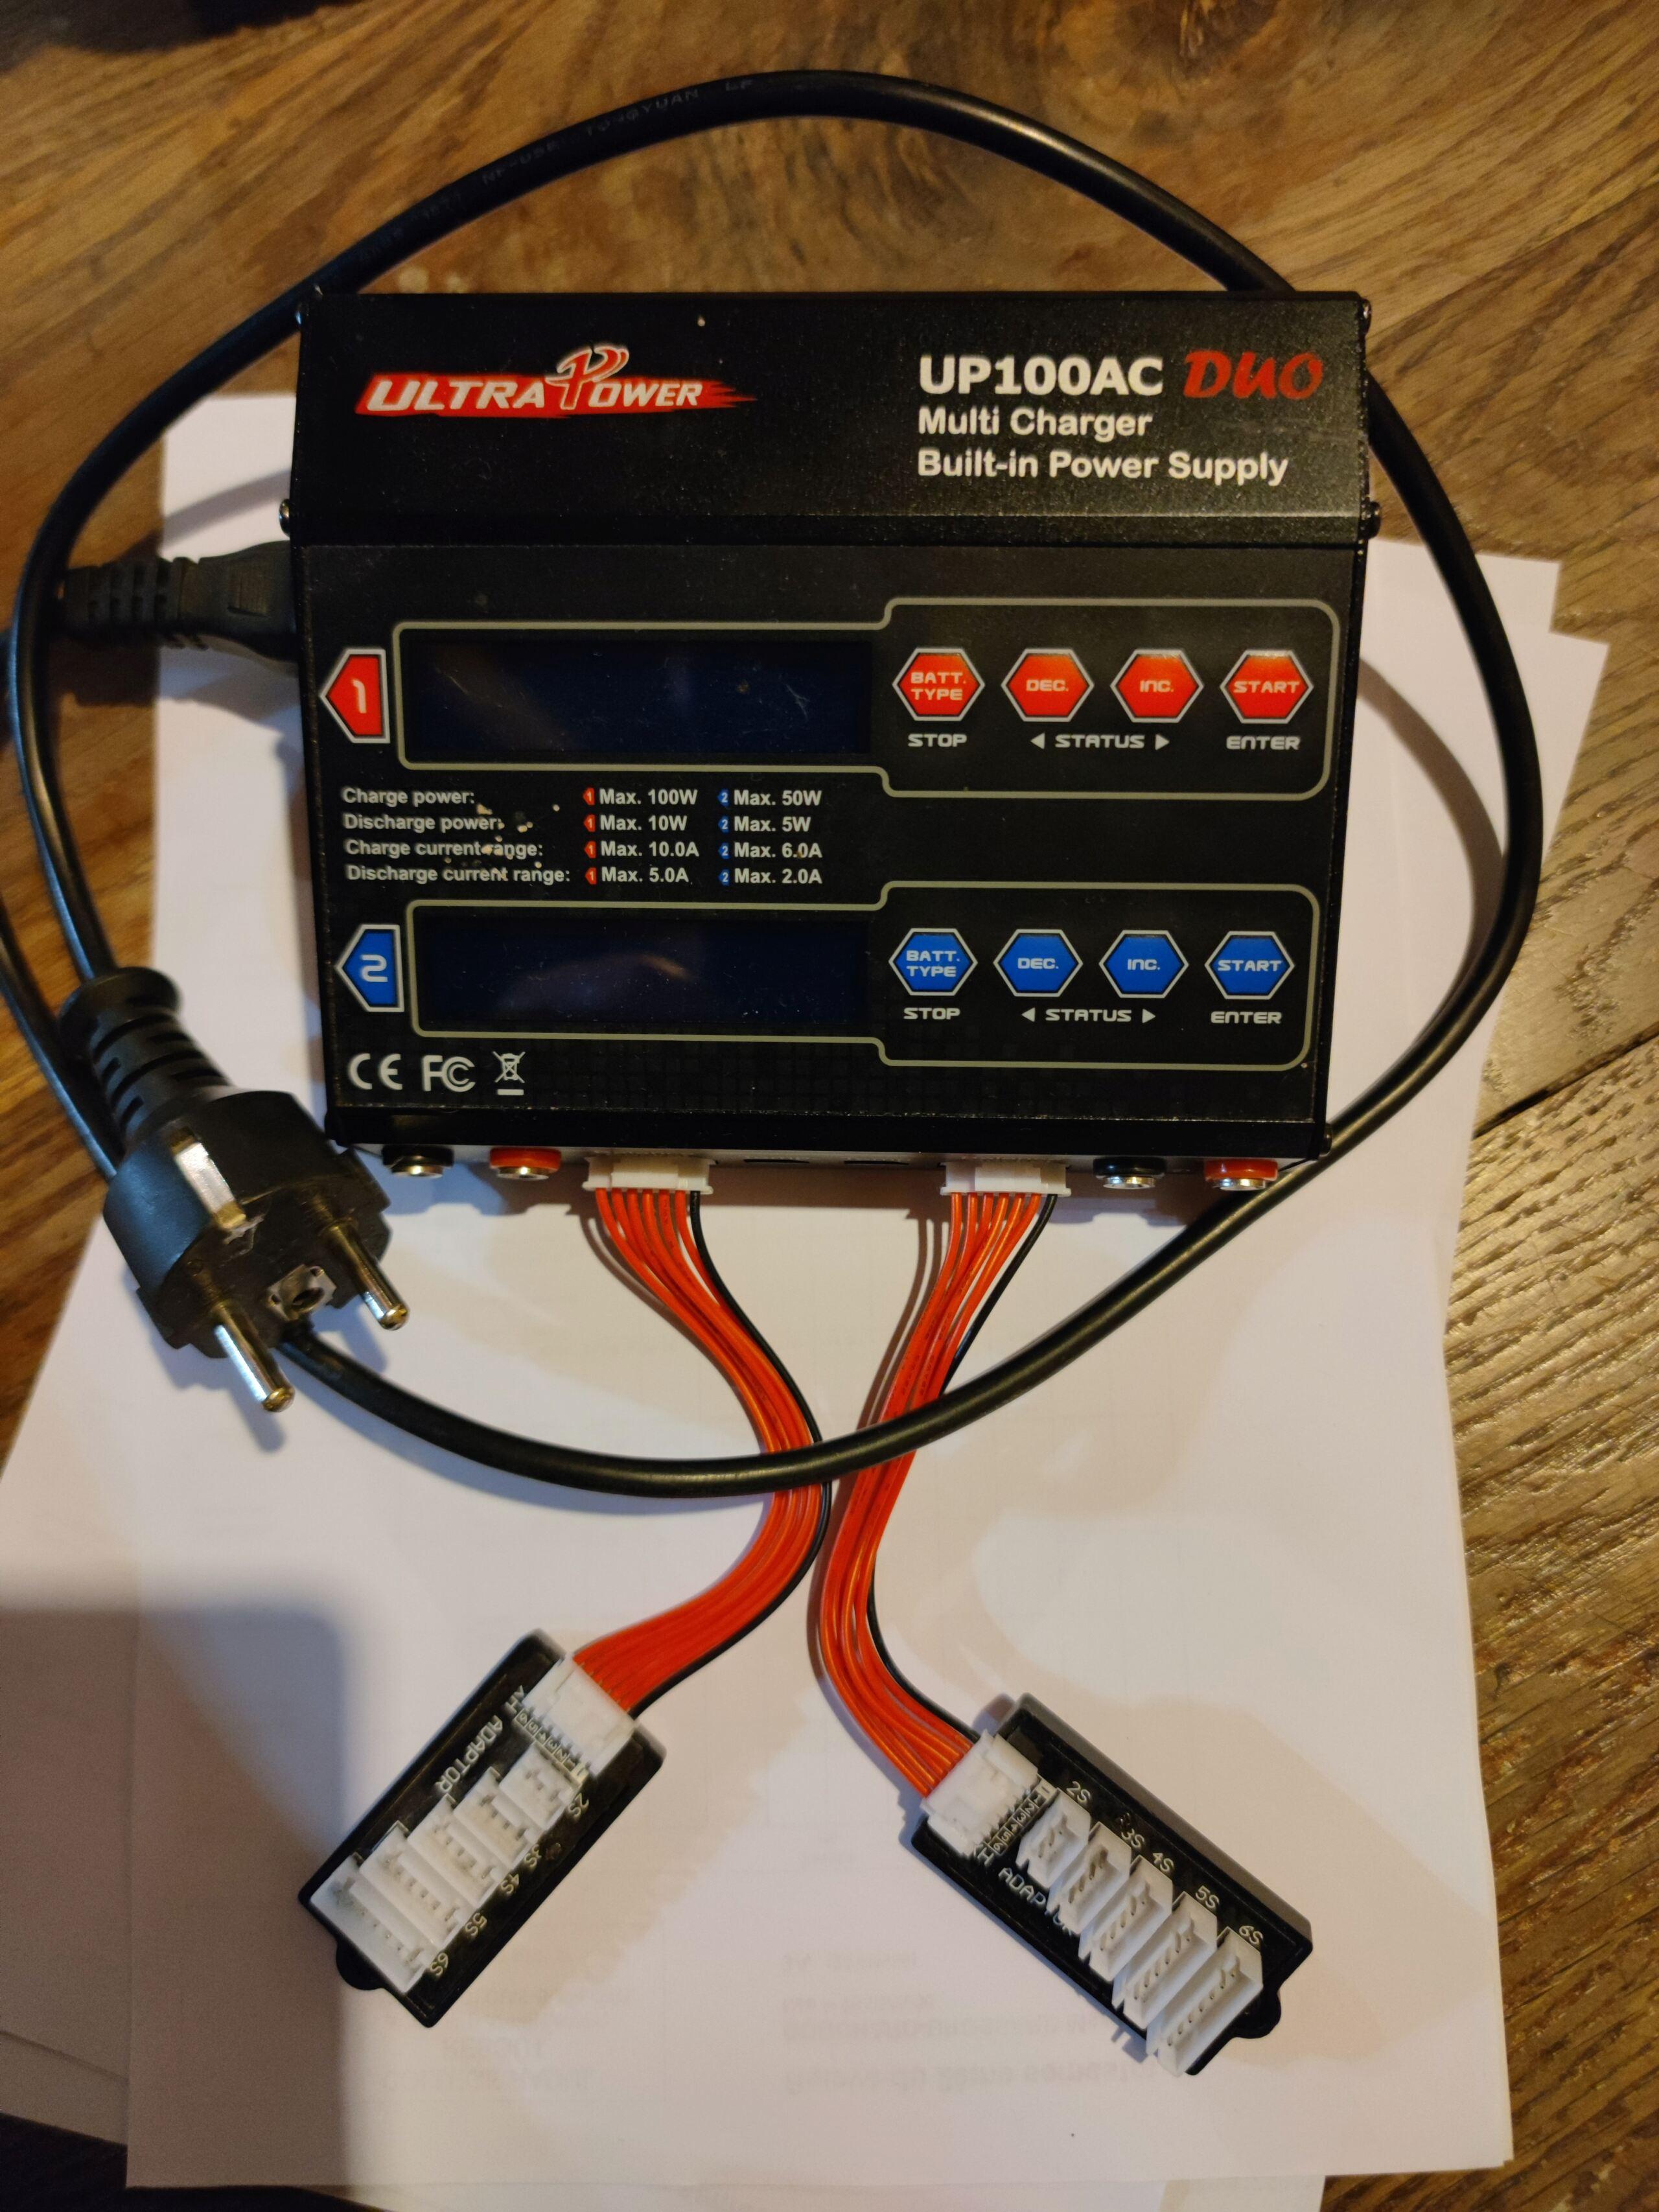 [VENDU] Chargeur double sorties UltraPower 100AC Duo. 16206812